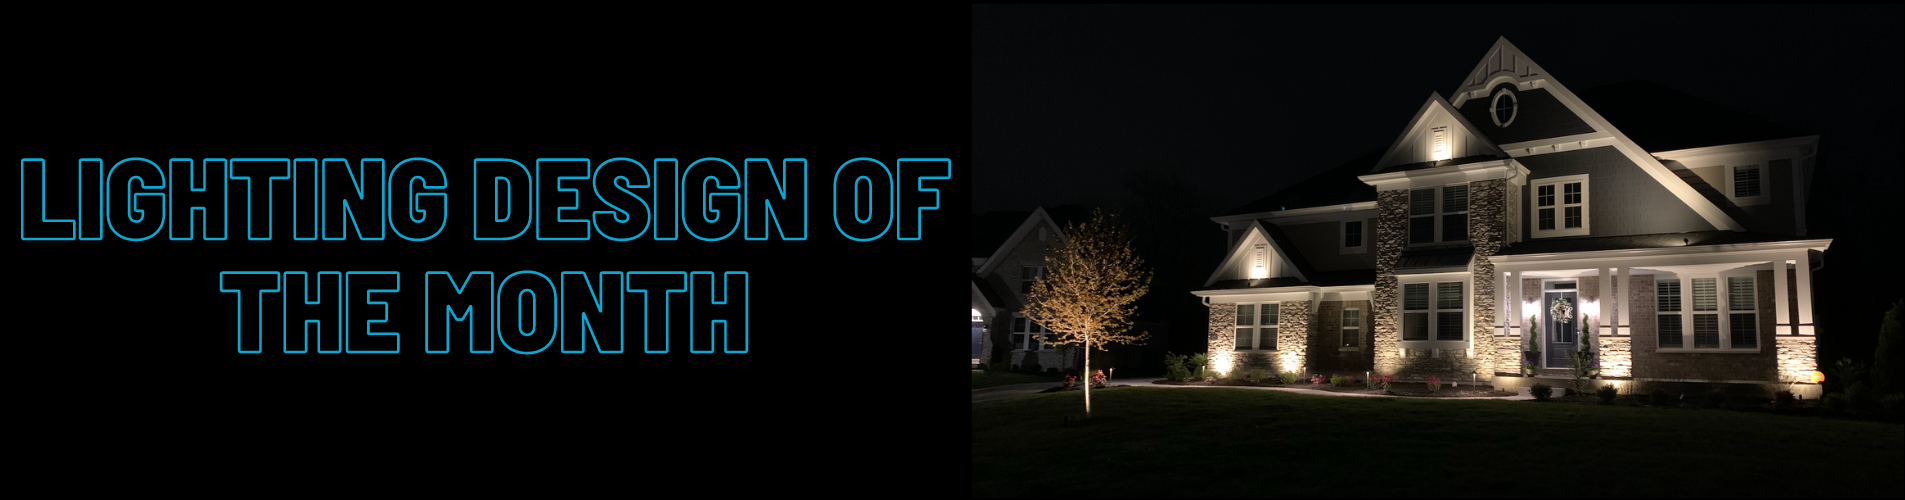 Outdoor Lighting Designs